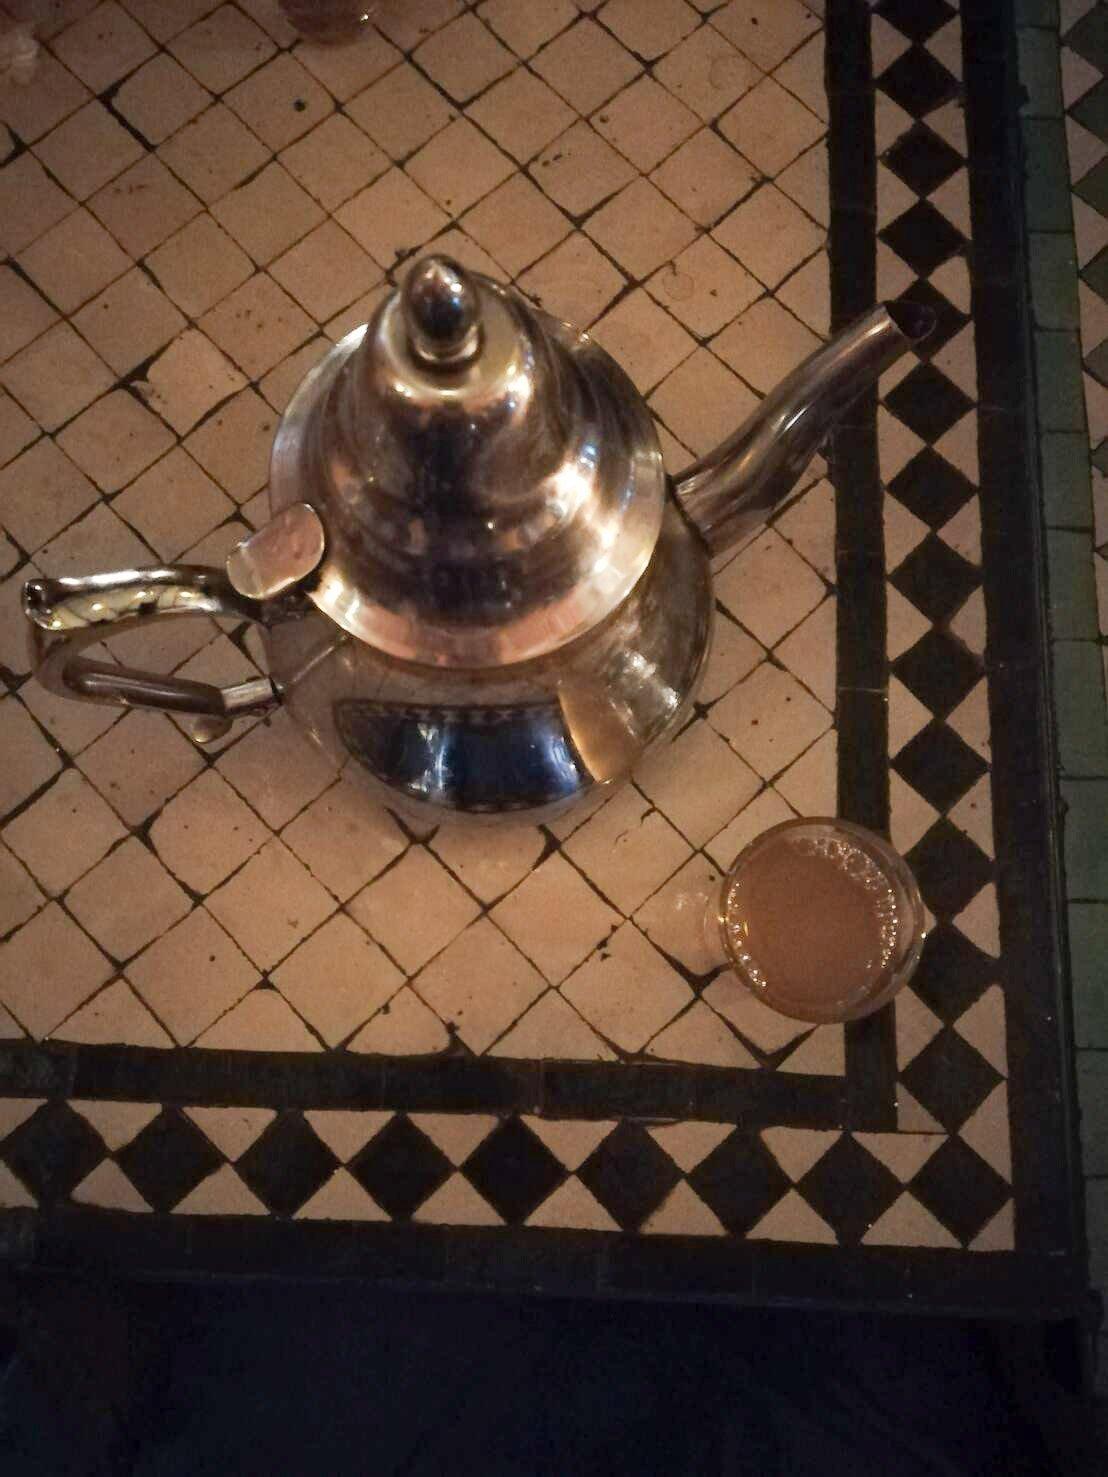 aqua marraquexe chá